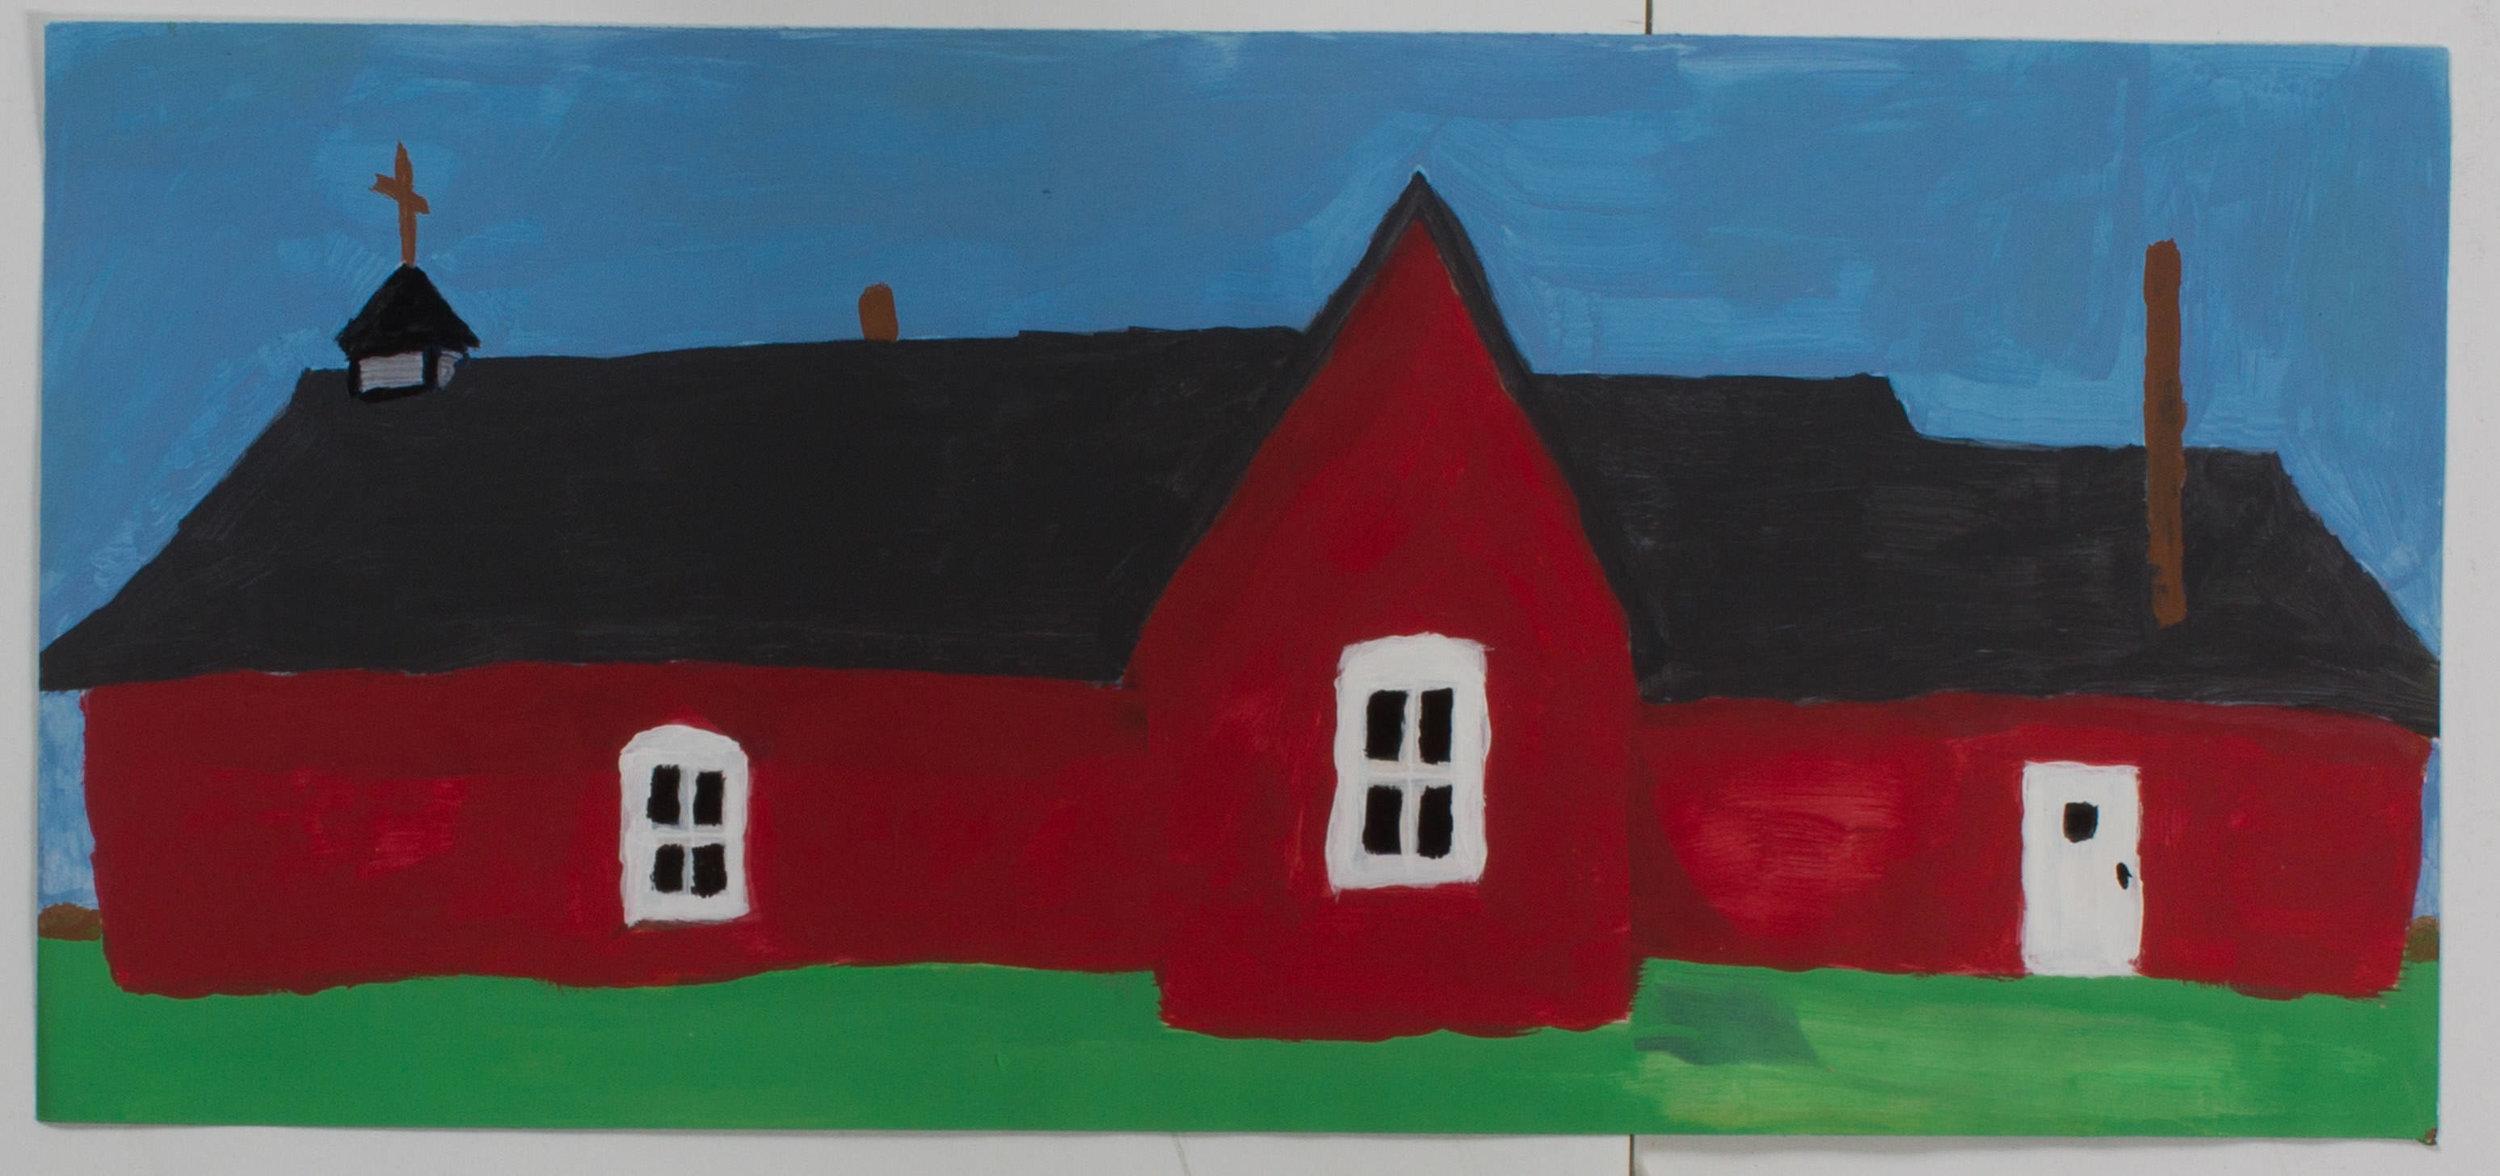 Gok house   (8x16 framed - print - acrylic